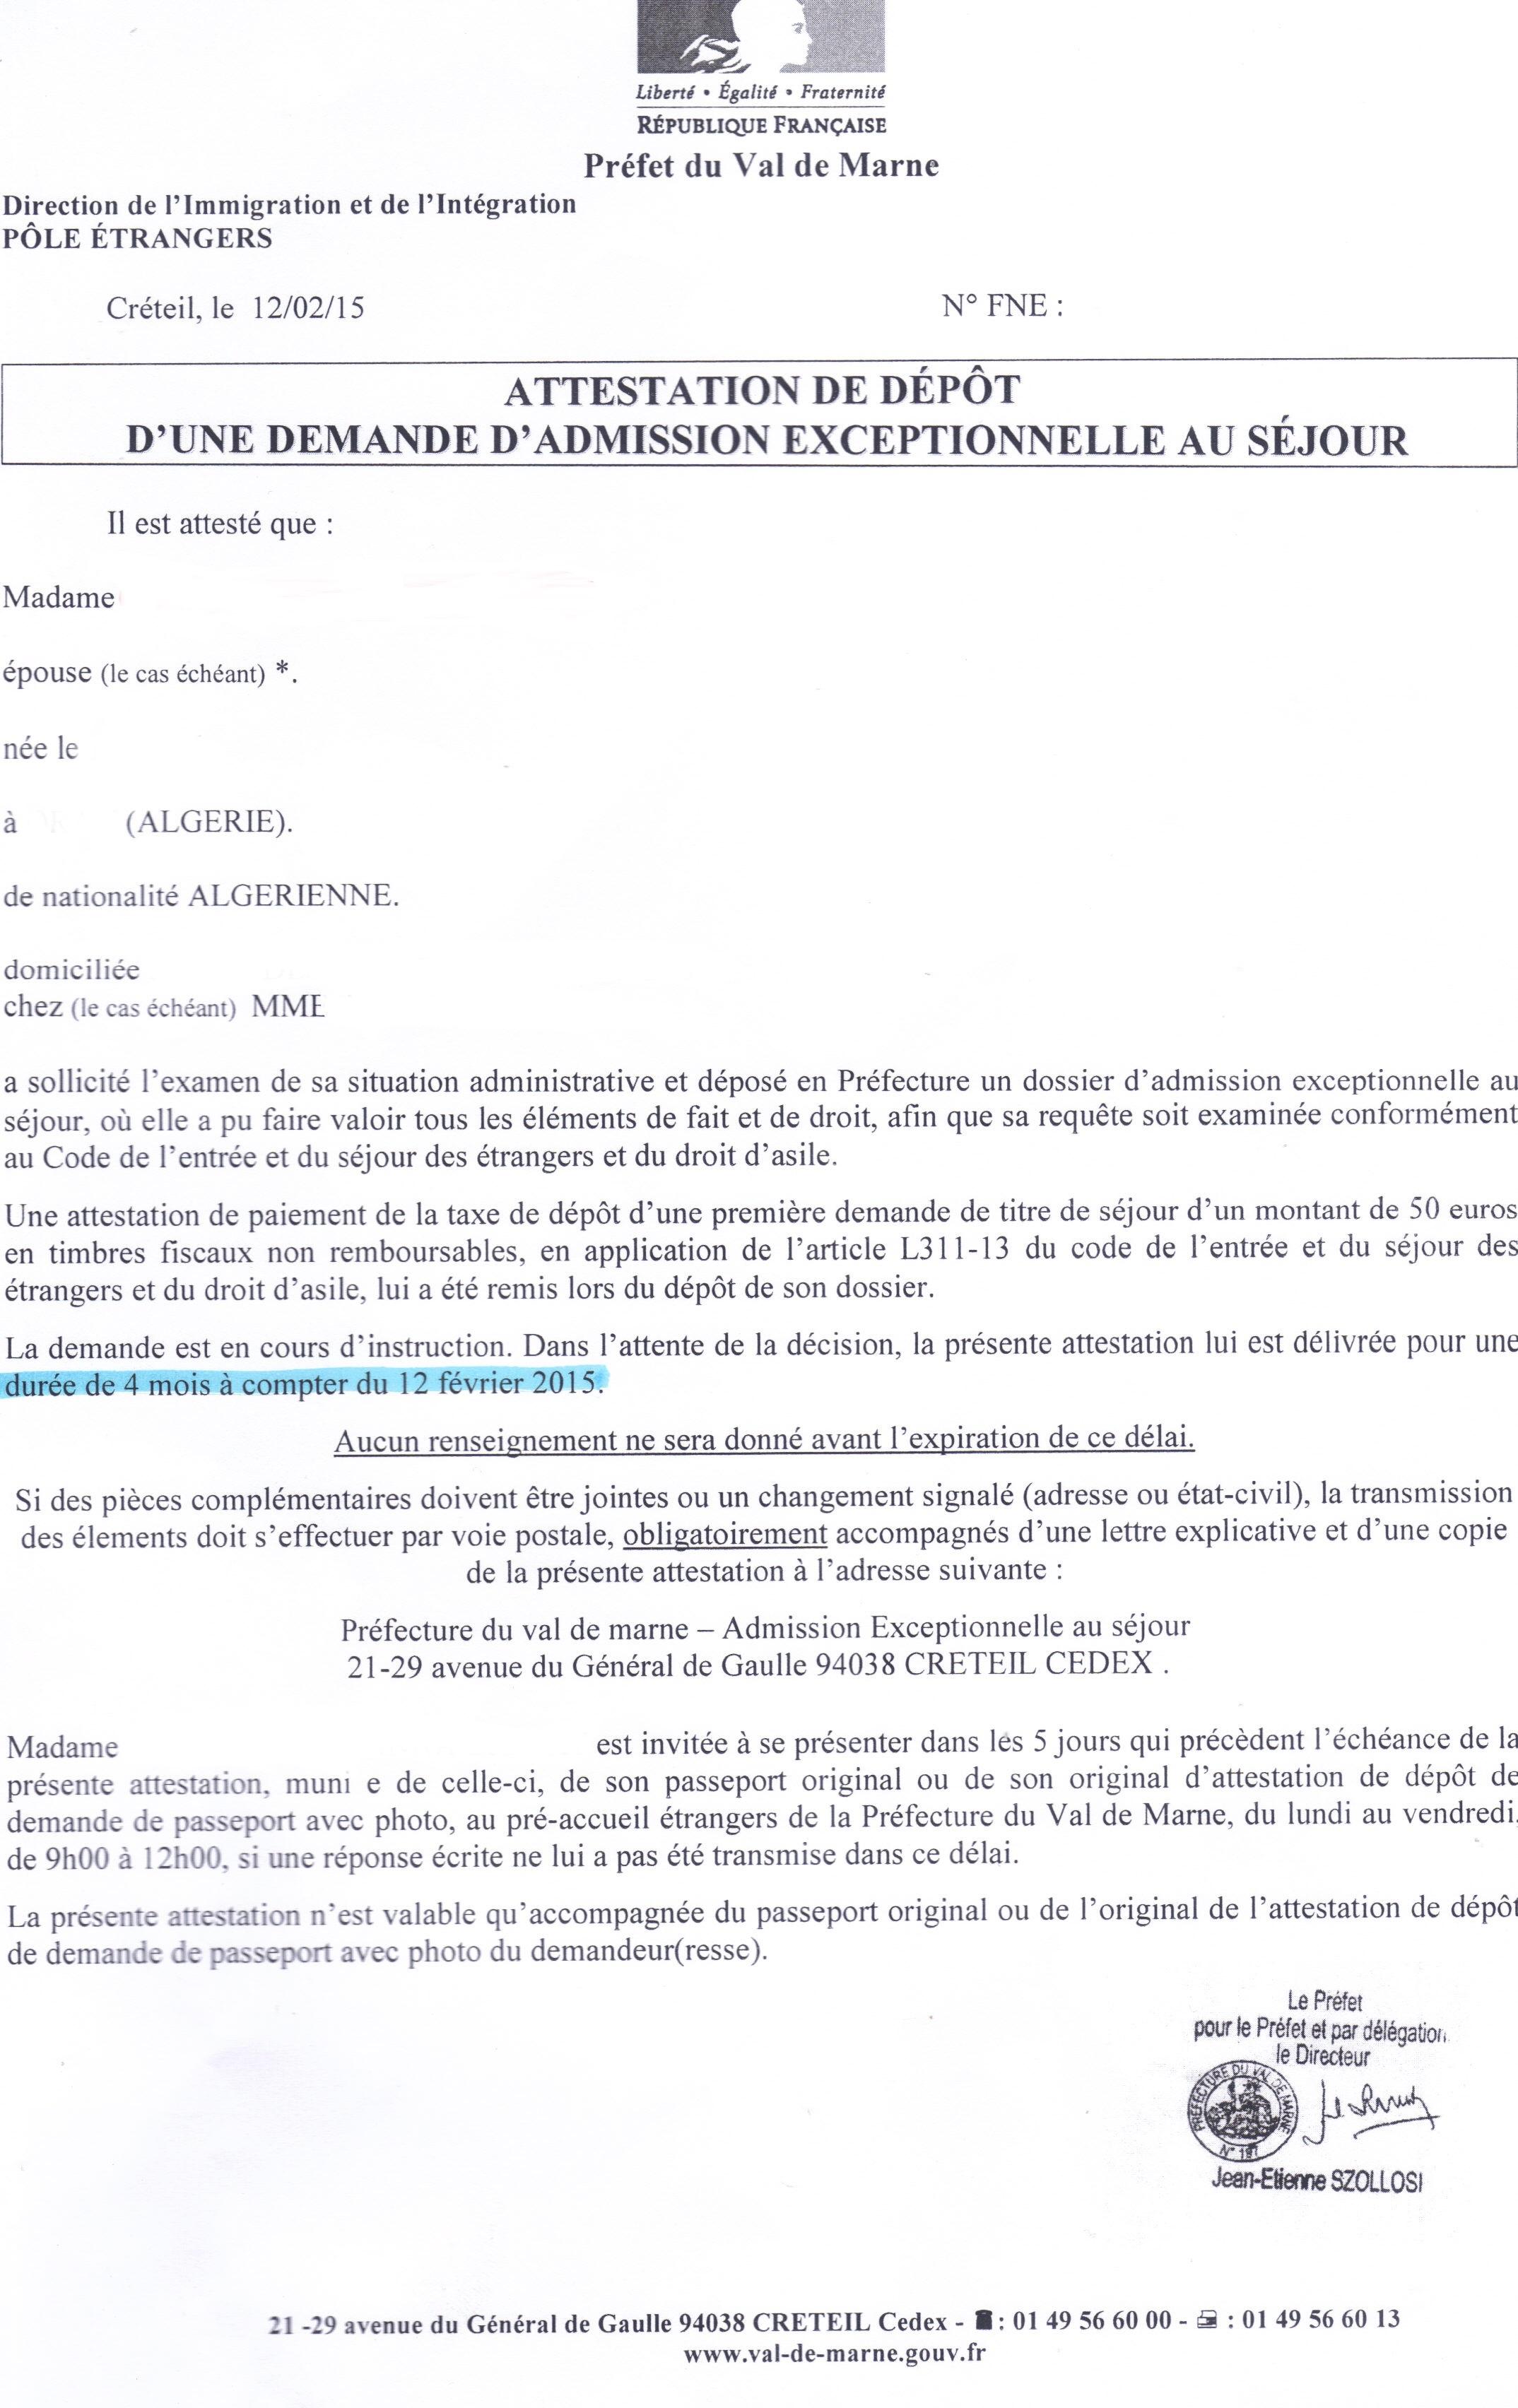 CONSTITUTION DES DOSSIERS DE DEMANDE DE VISA - PDF